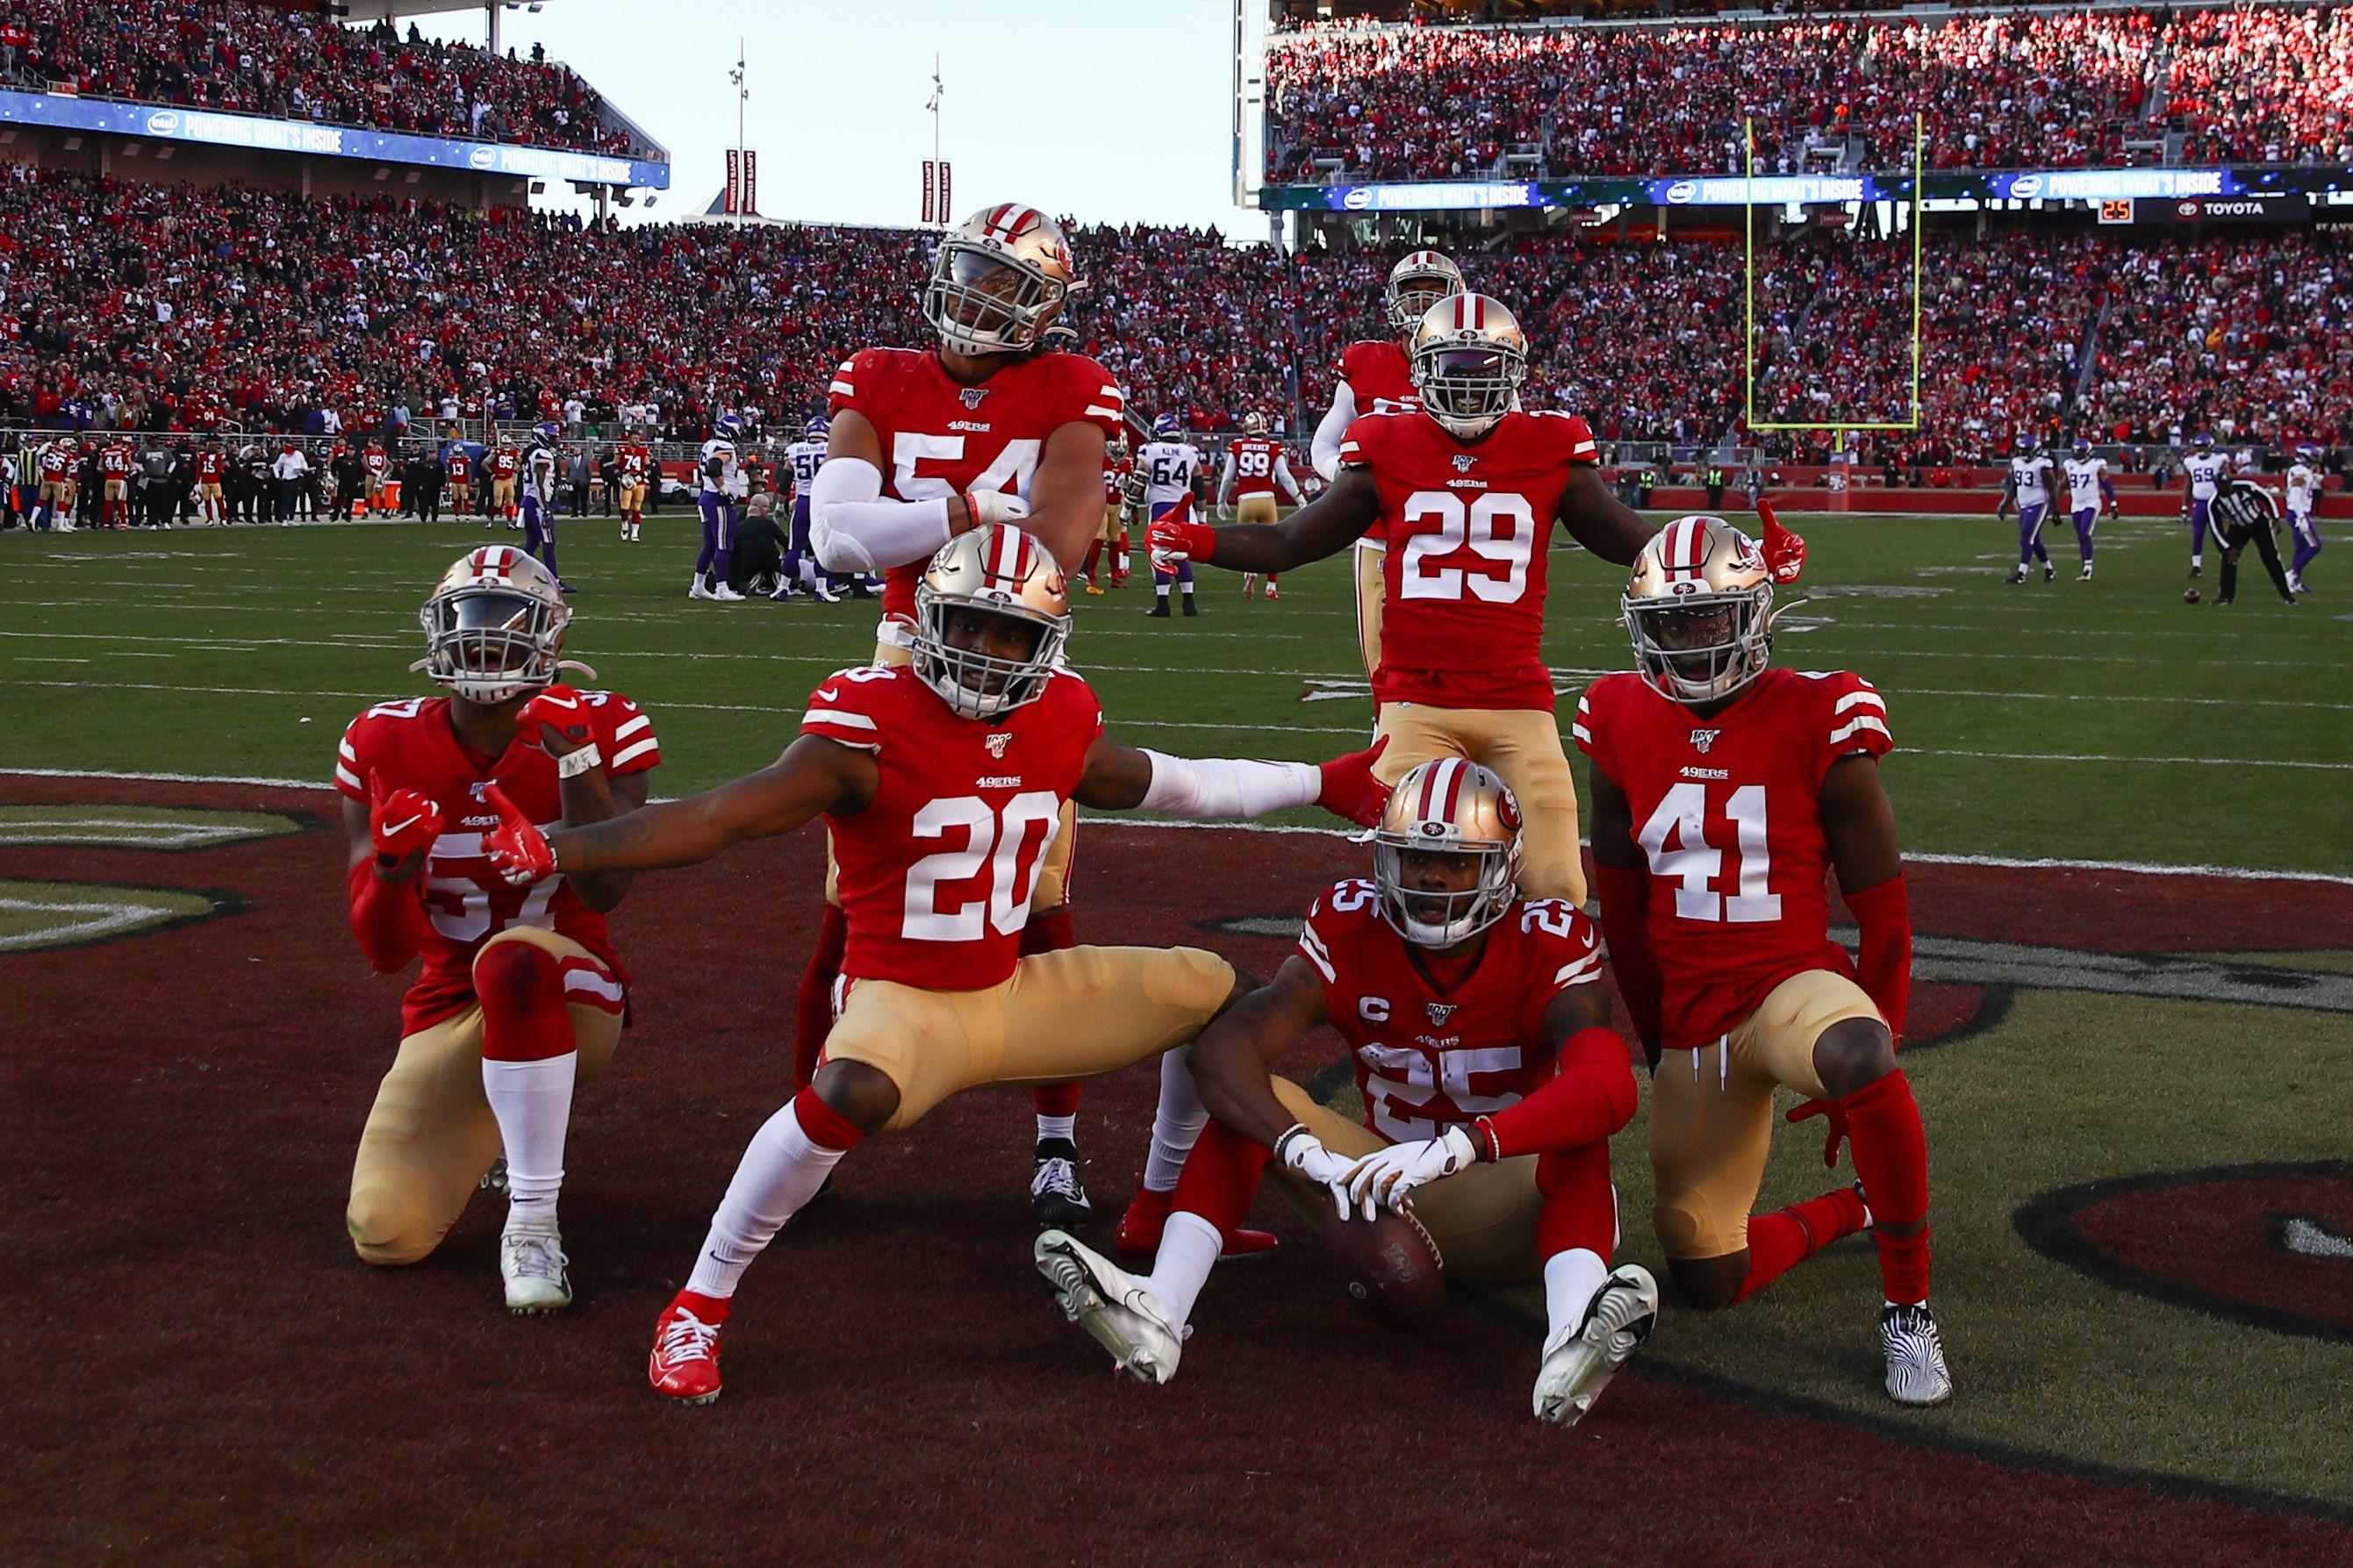 49ers defense posing